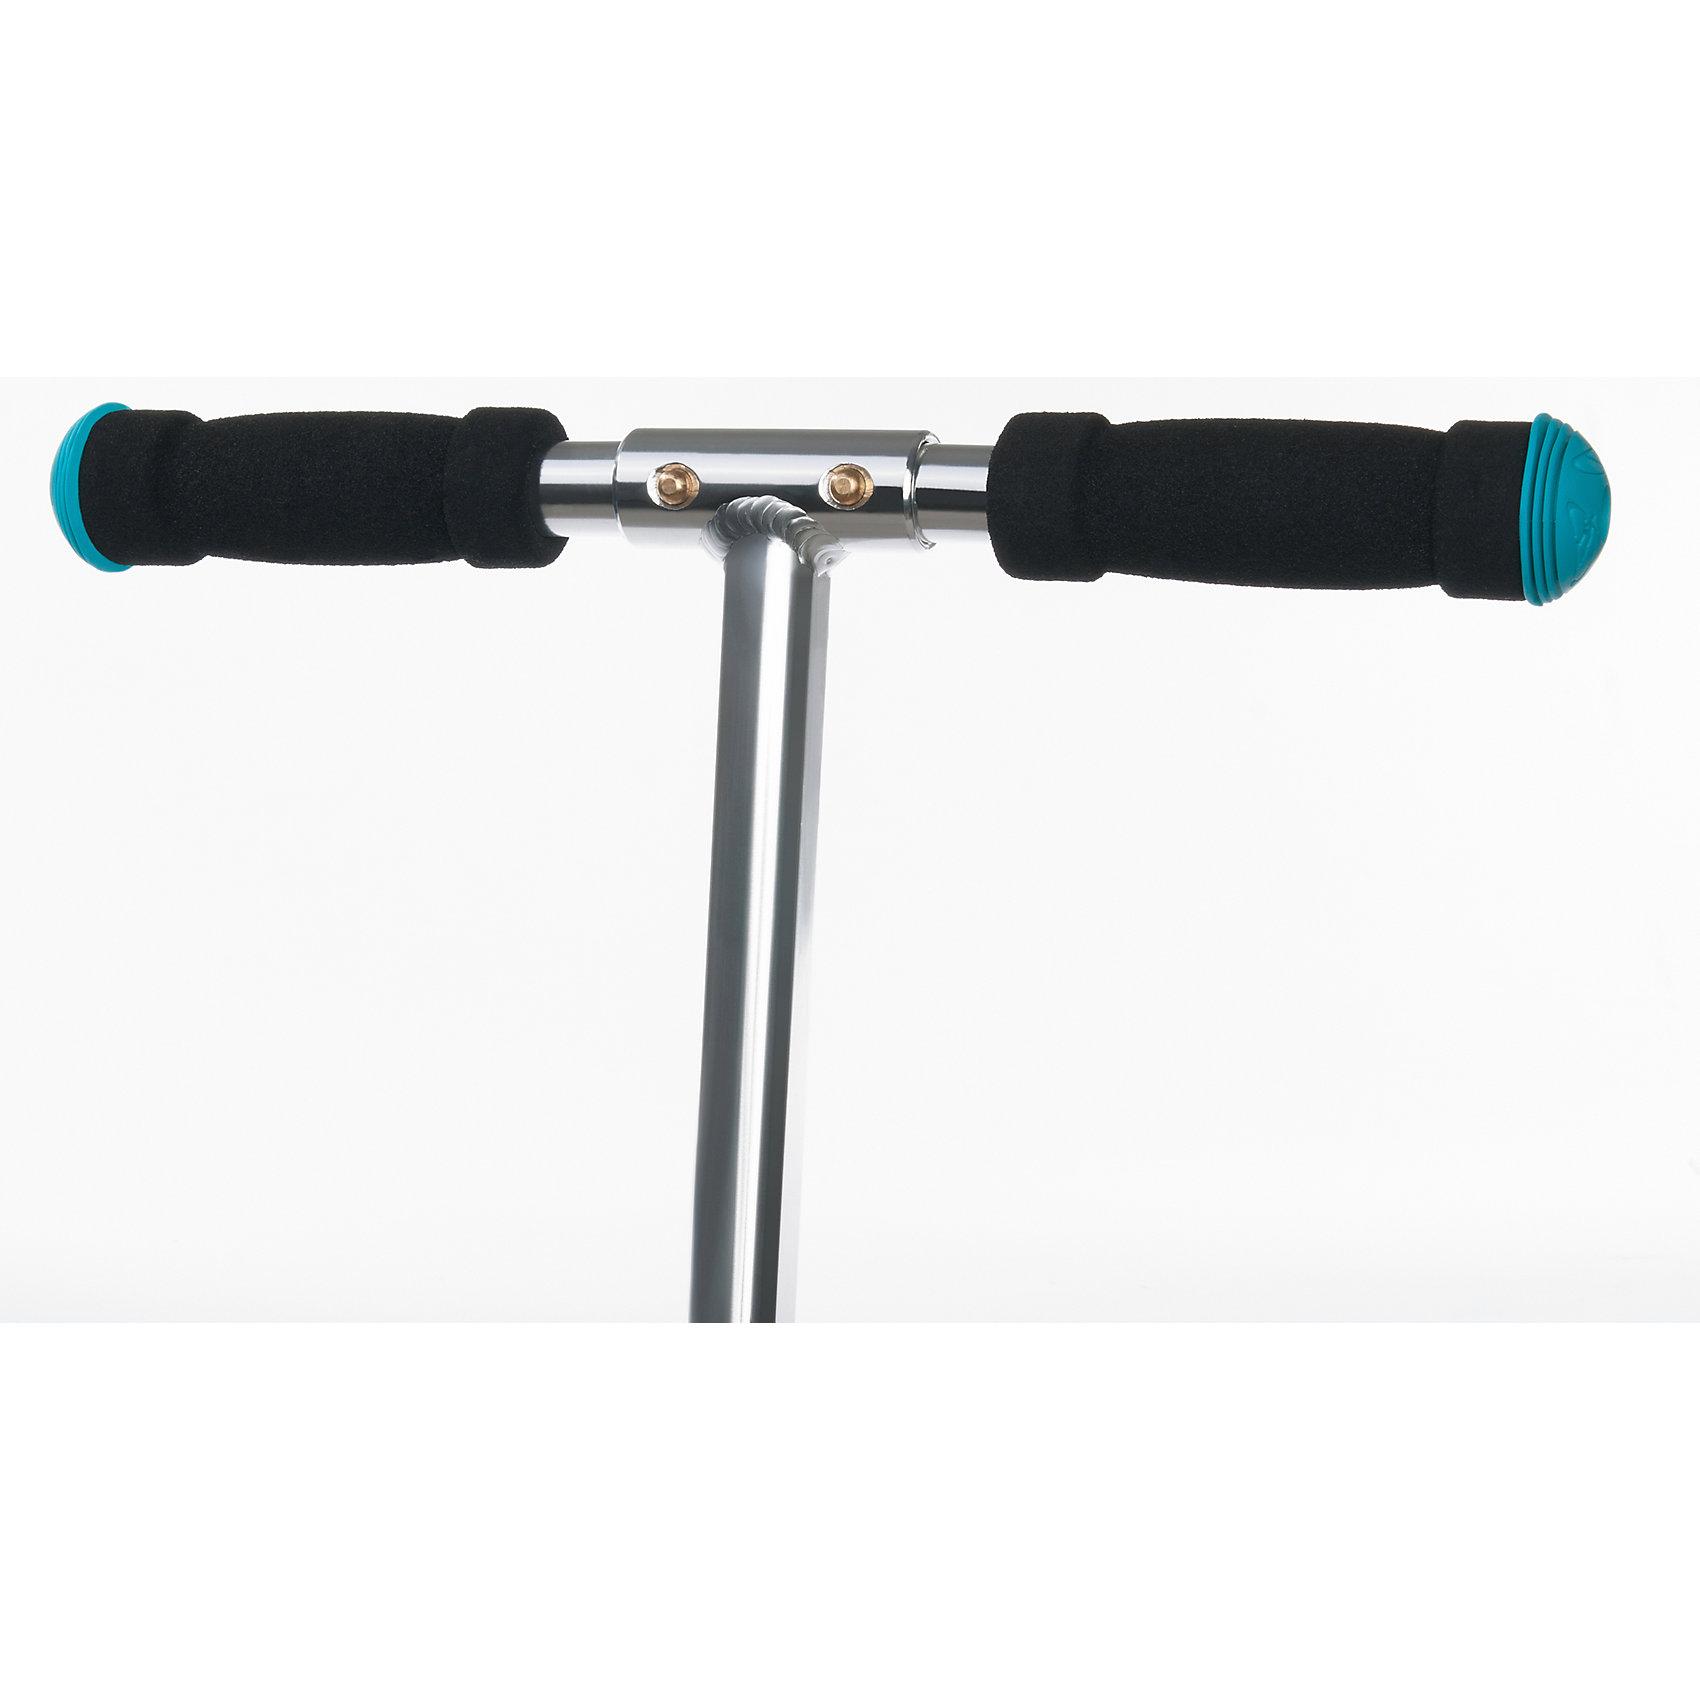 Neu Hudora Scooter Big Wheel RX Pro 205 blau - - - Das Original 6574914 8b2fa1